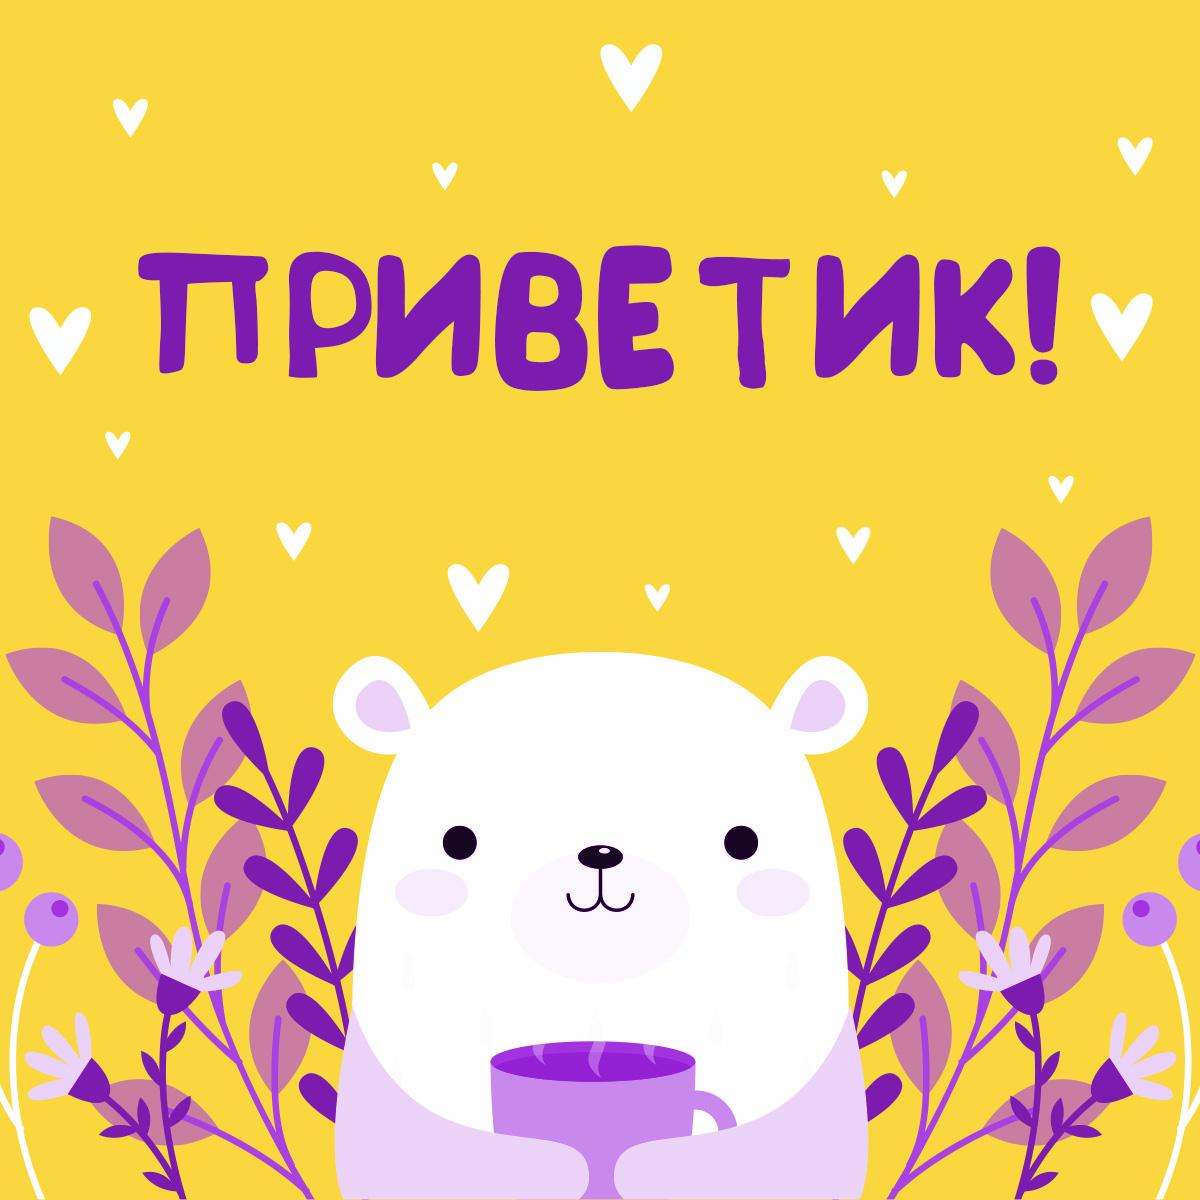 Белый медведь с кружкой на желтом фоне.